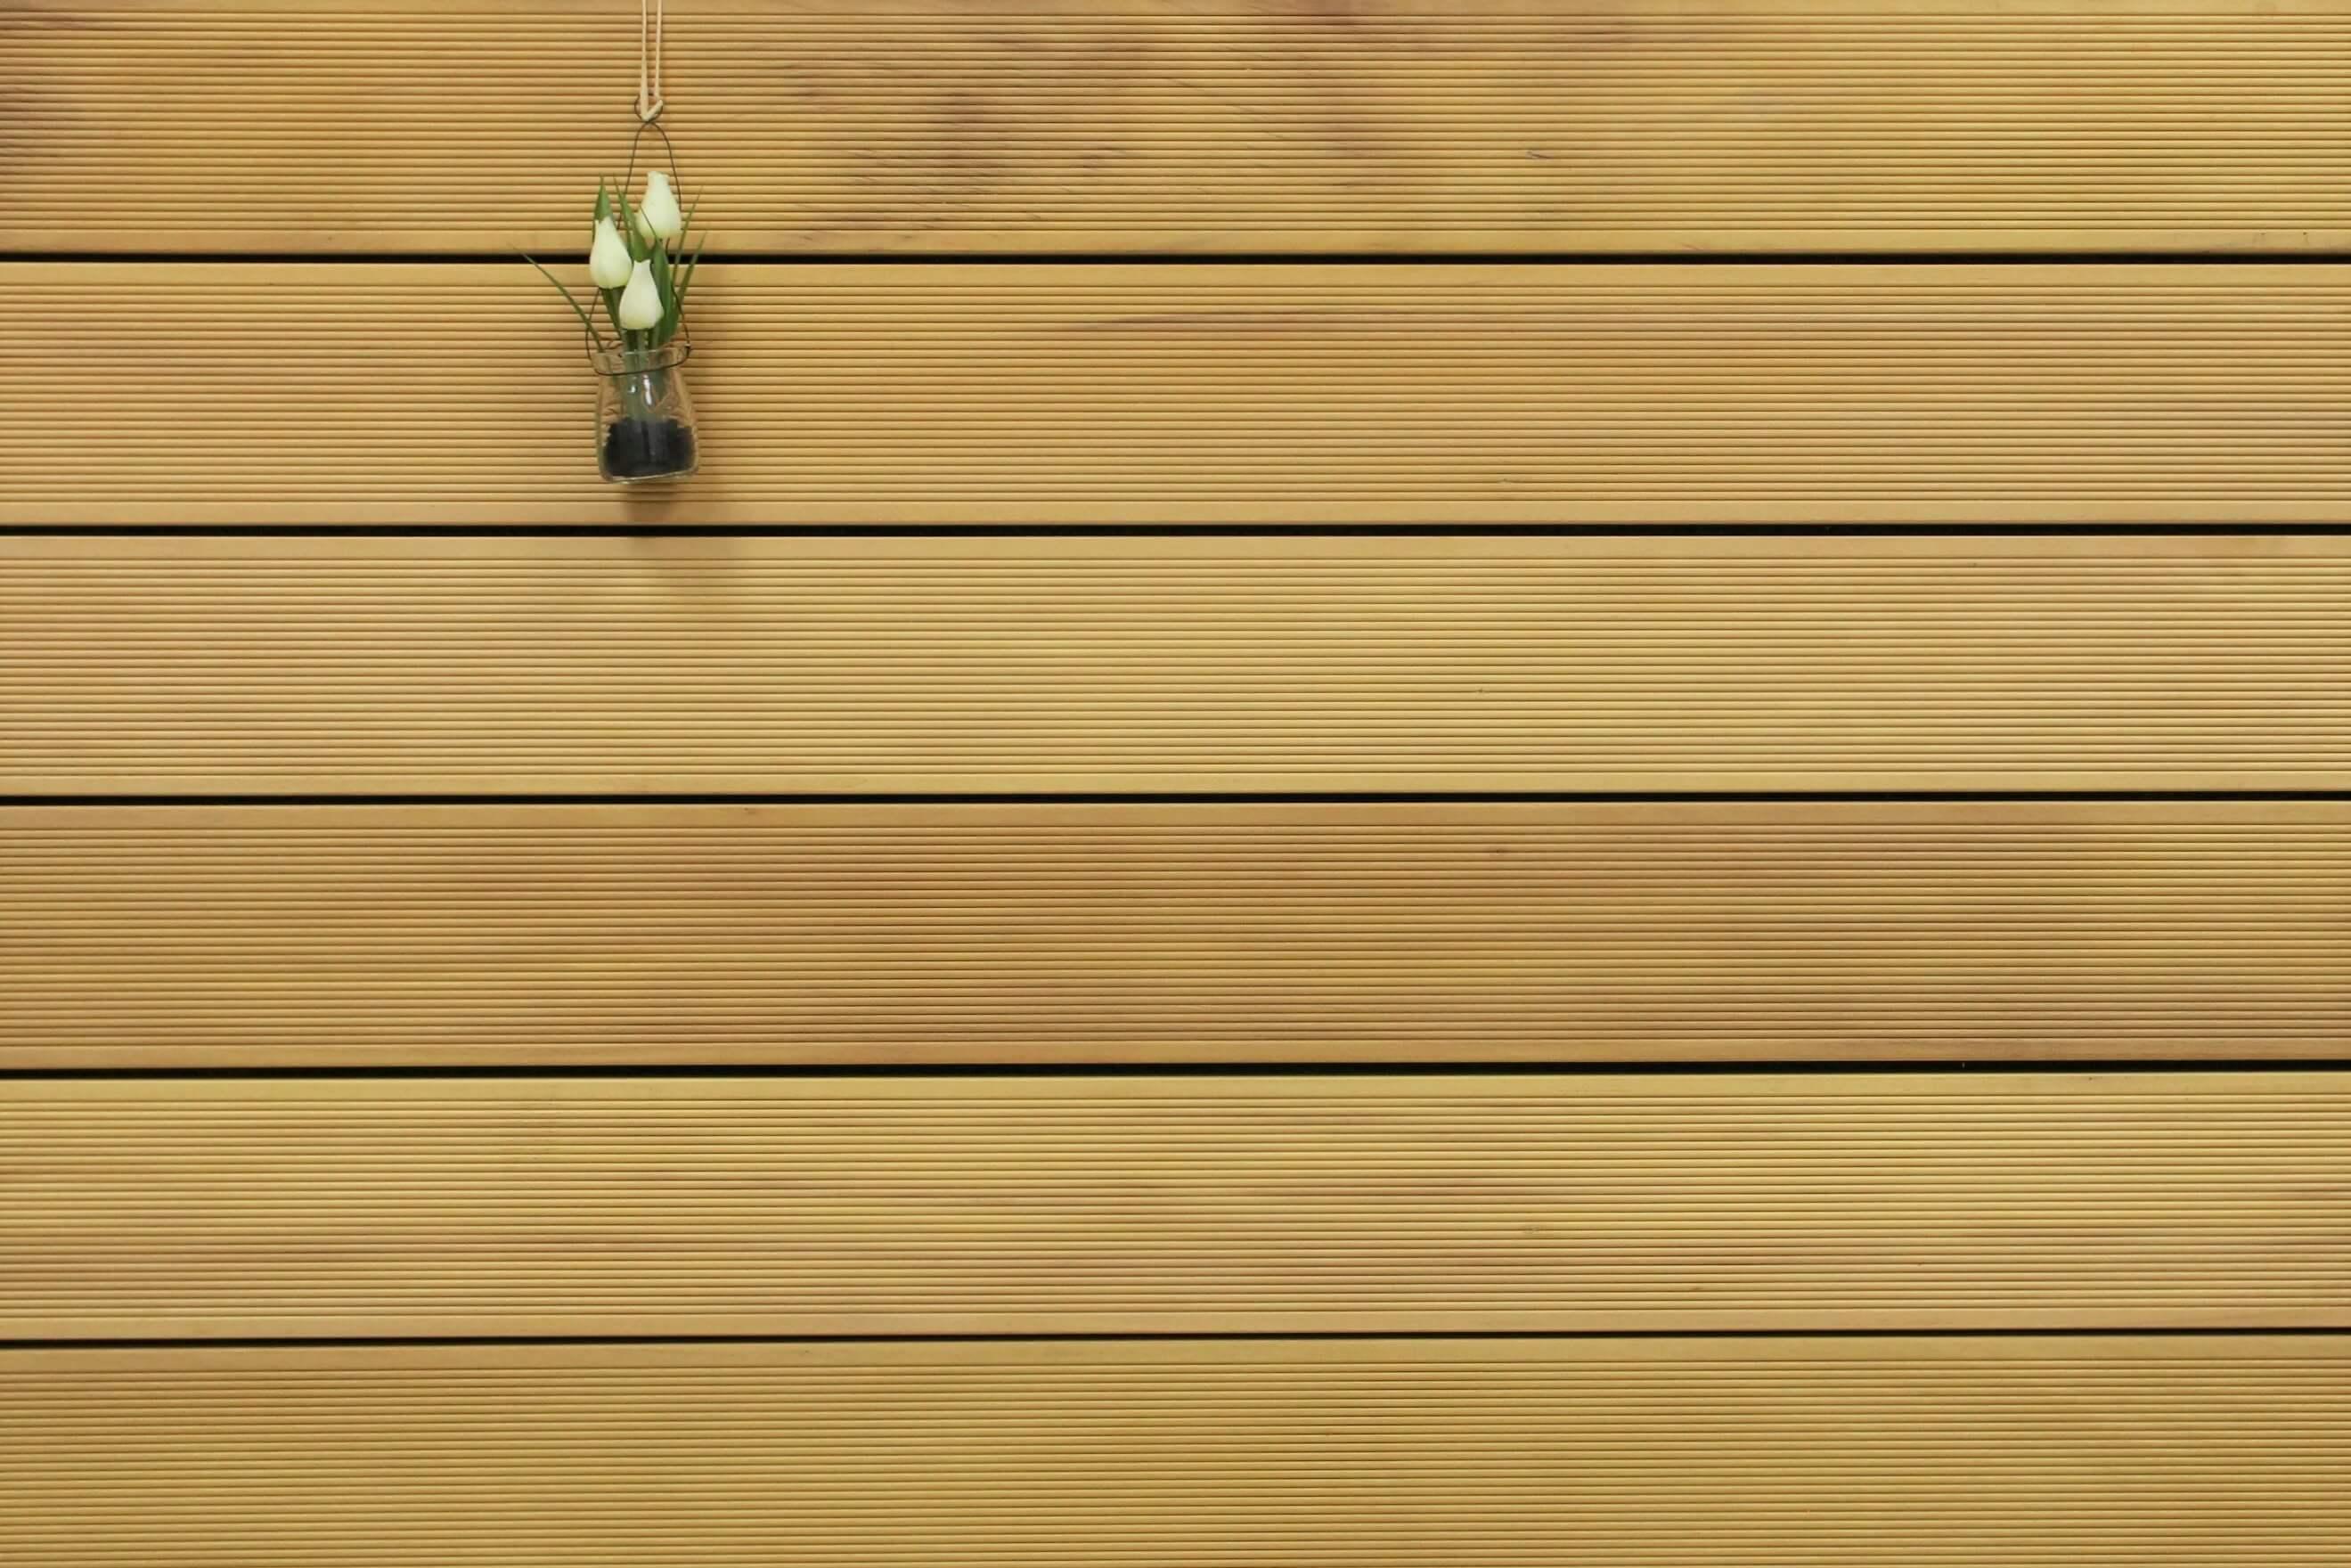 Holzterrasse Garapa, fein gerillt, 25 x 145 bis 6100 mm Dielen, Premium (KD) Holz Bretter für die Terrasse, 11,90 €/lfm